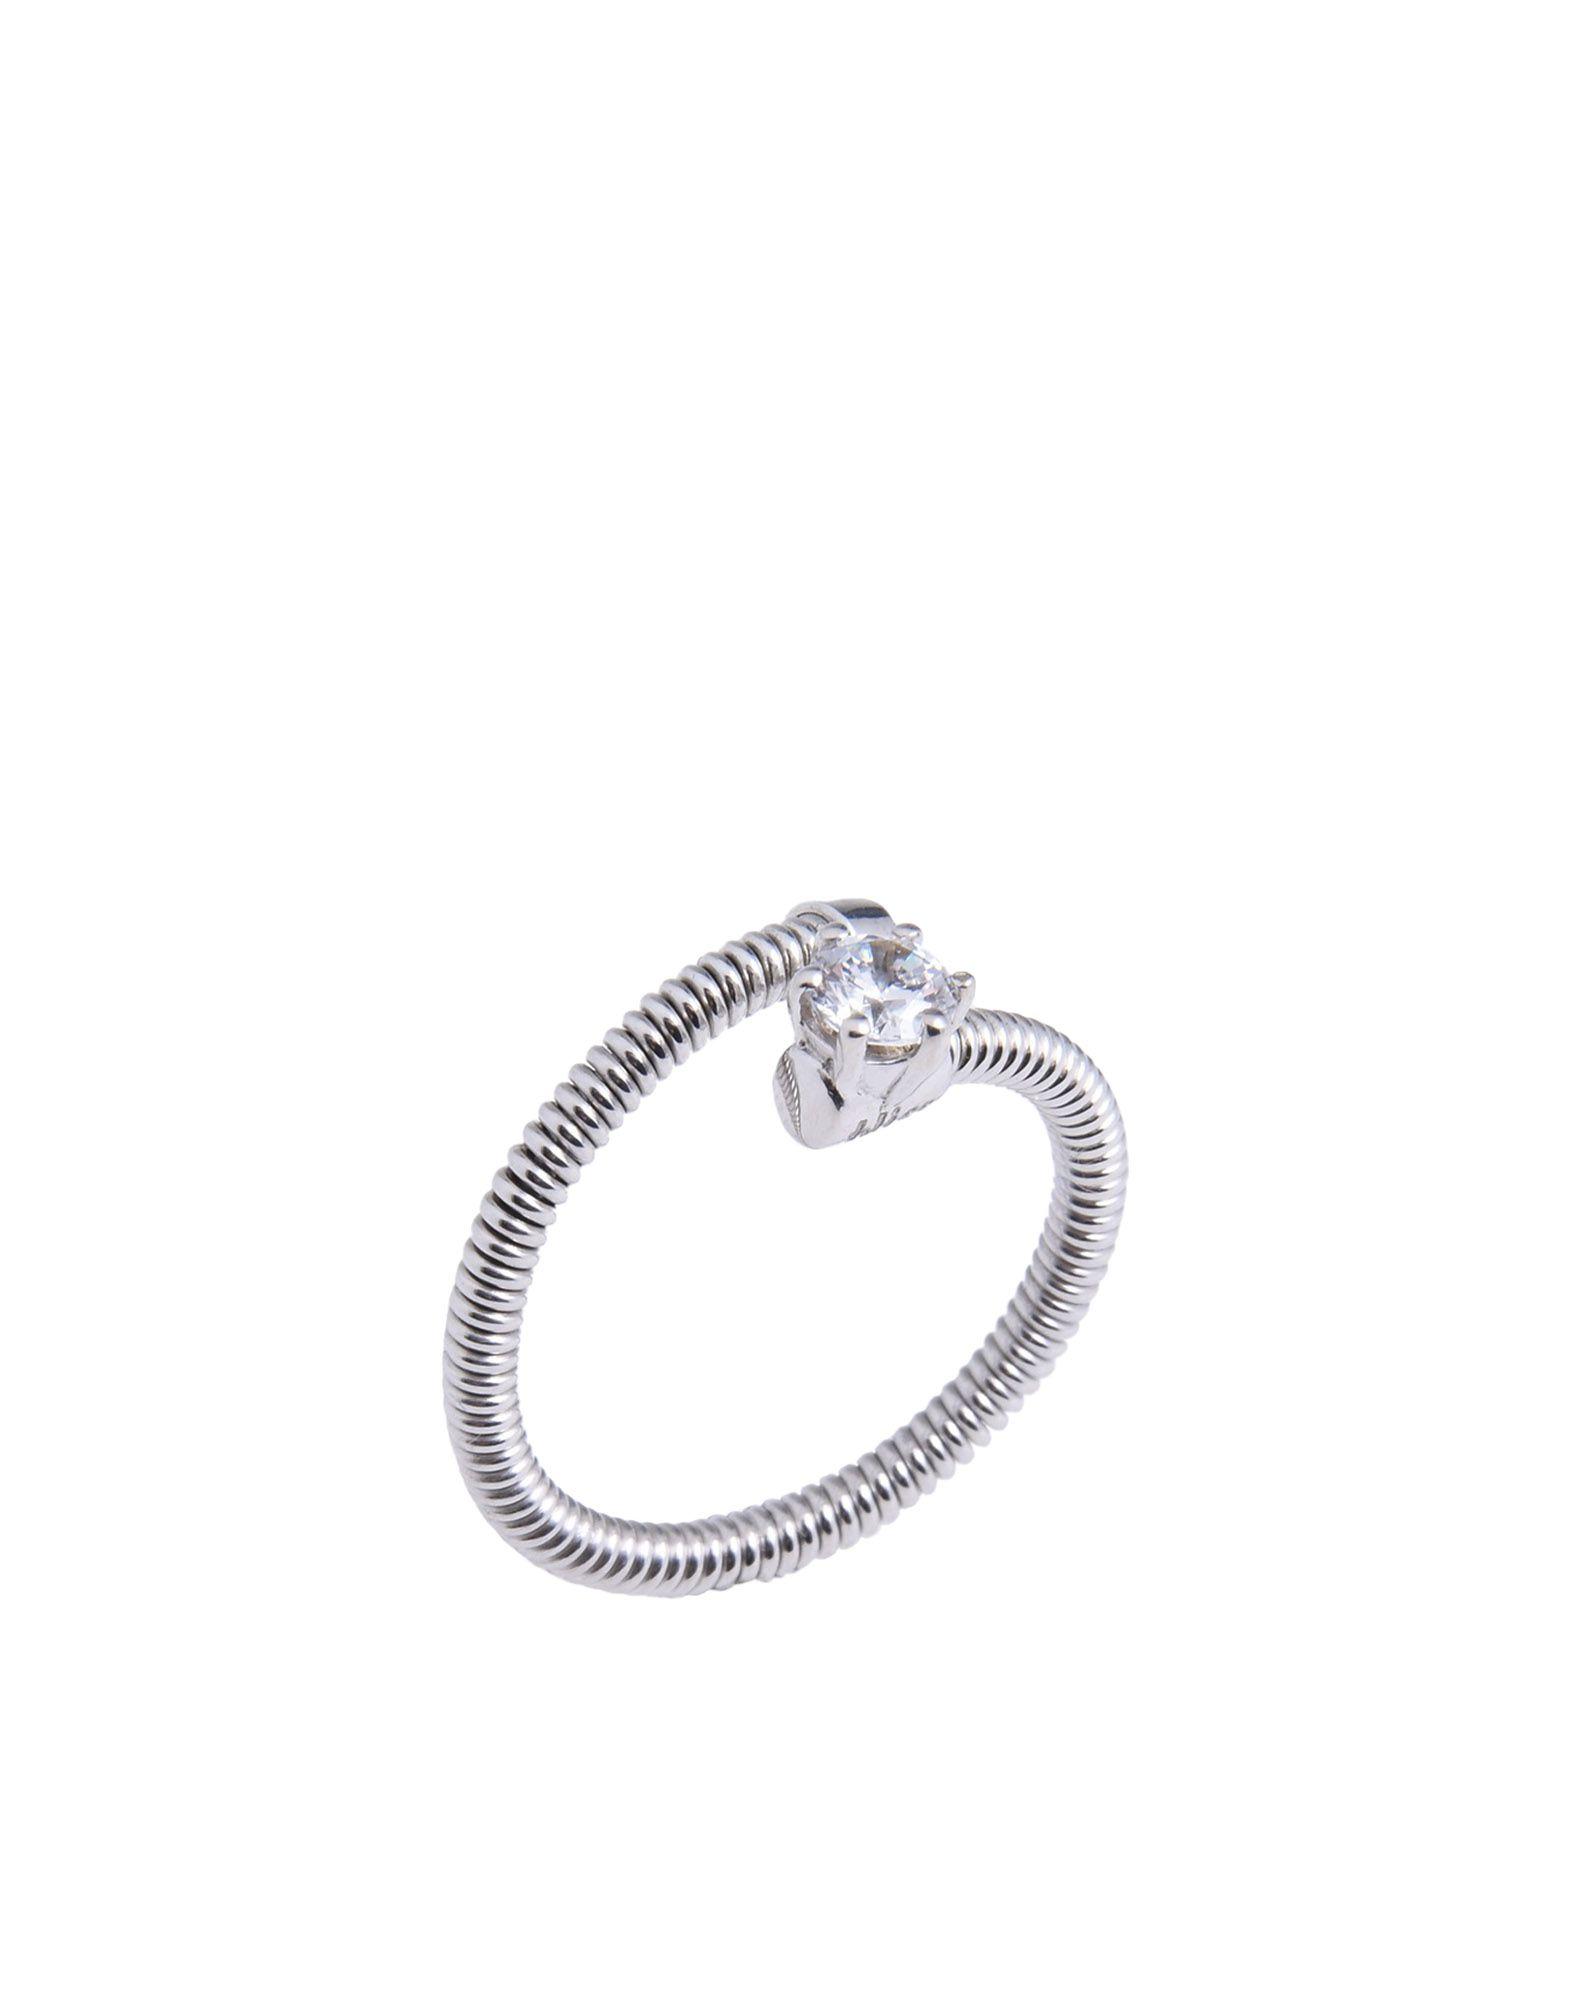 《送料無料》BLISS レディース 指輪 シルバー one size シルバー925/1000 / キュービックジルコニア